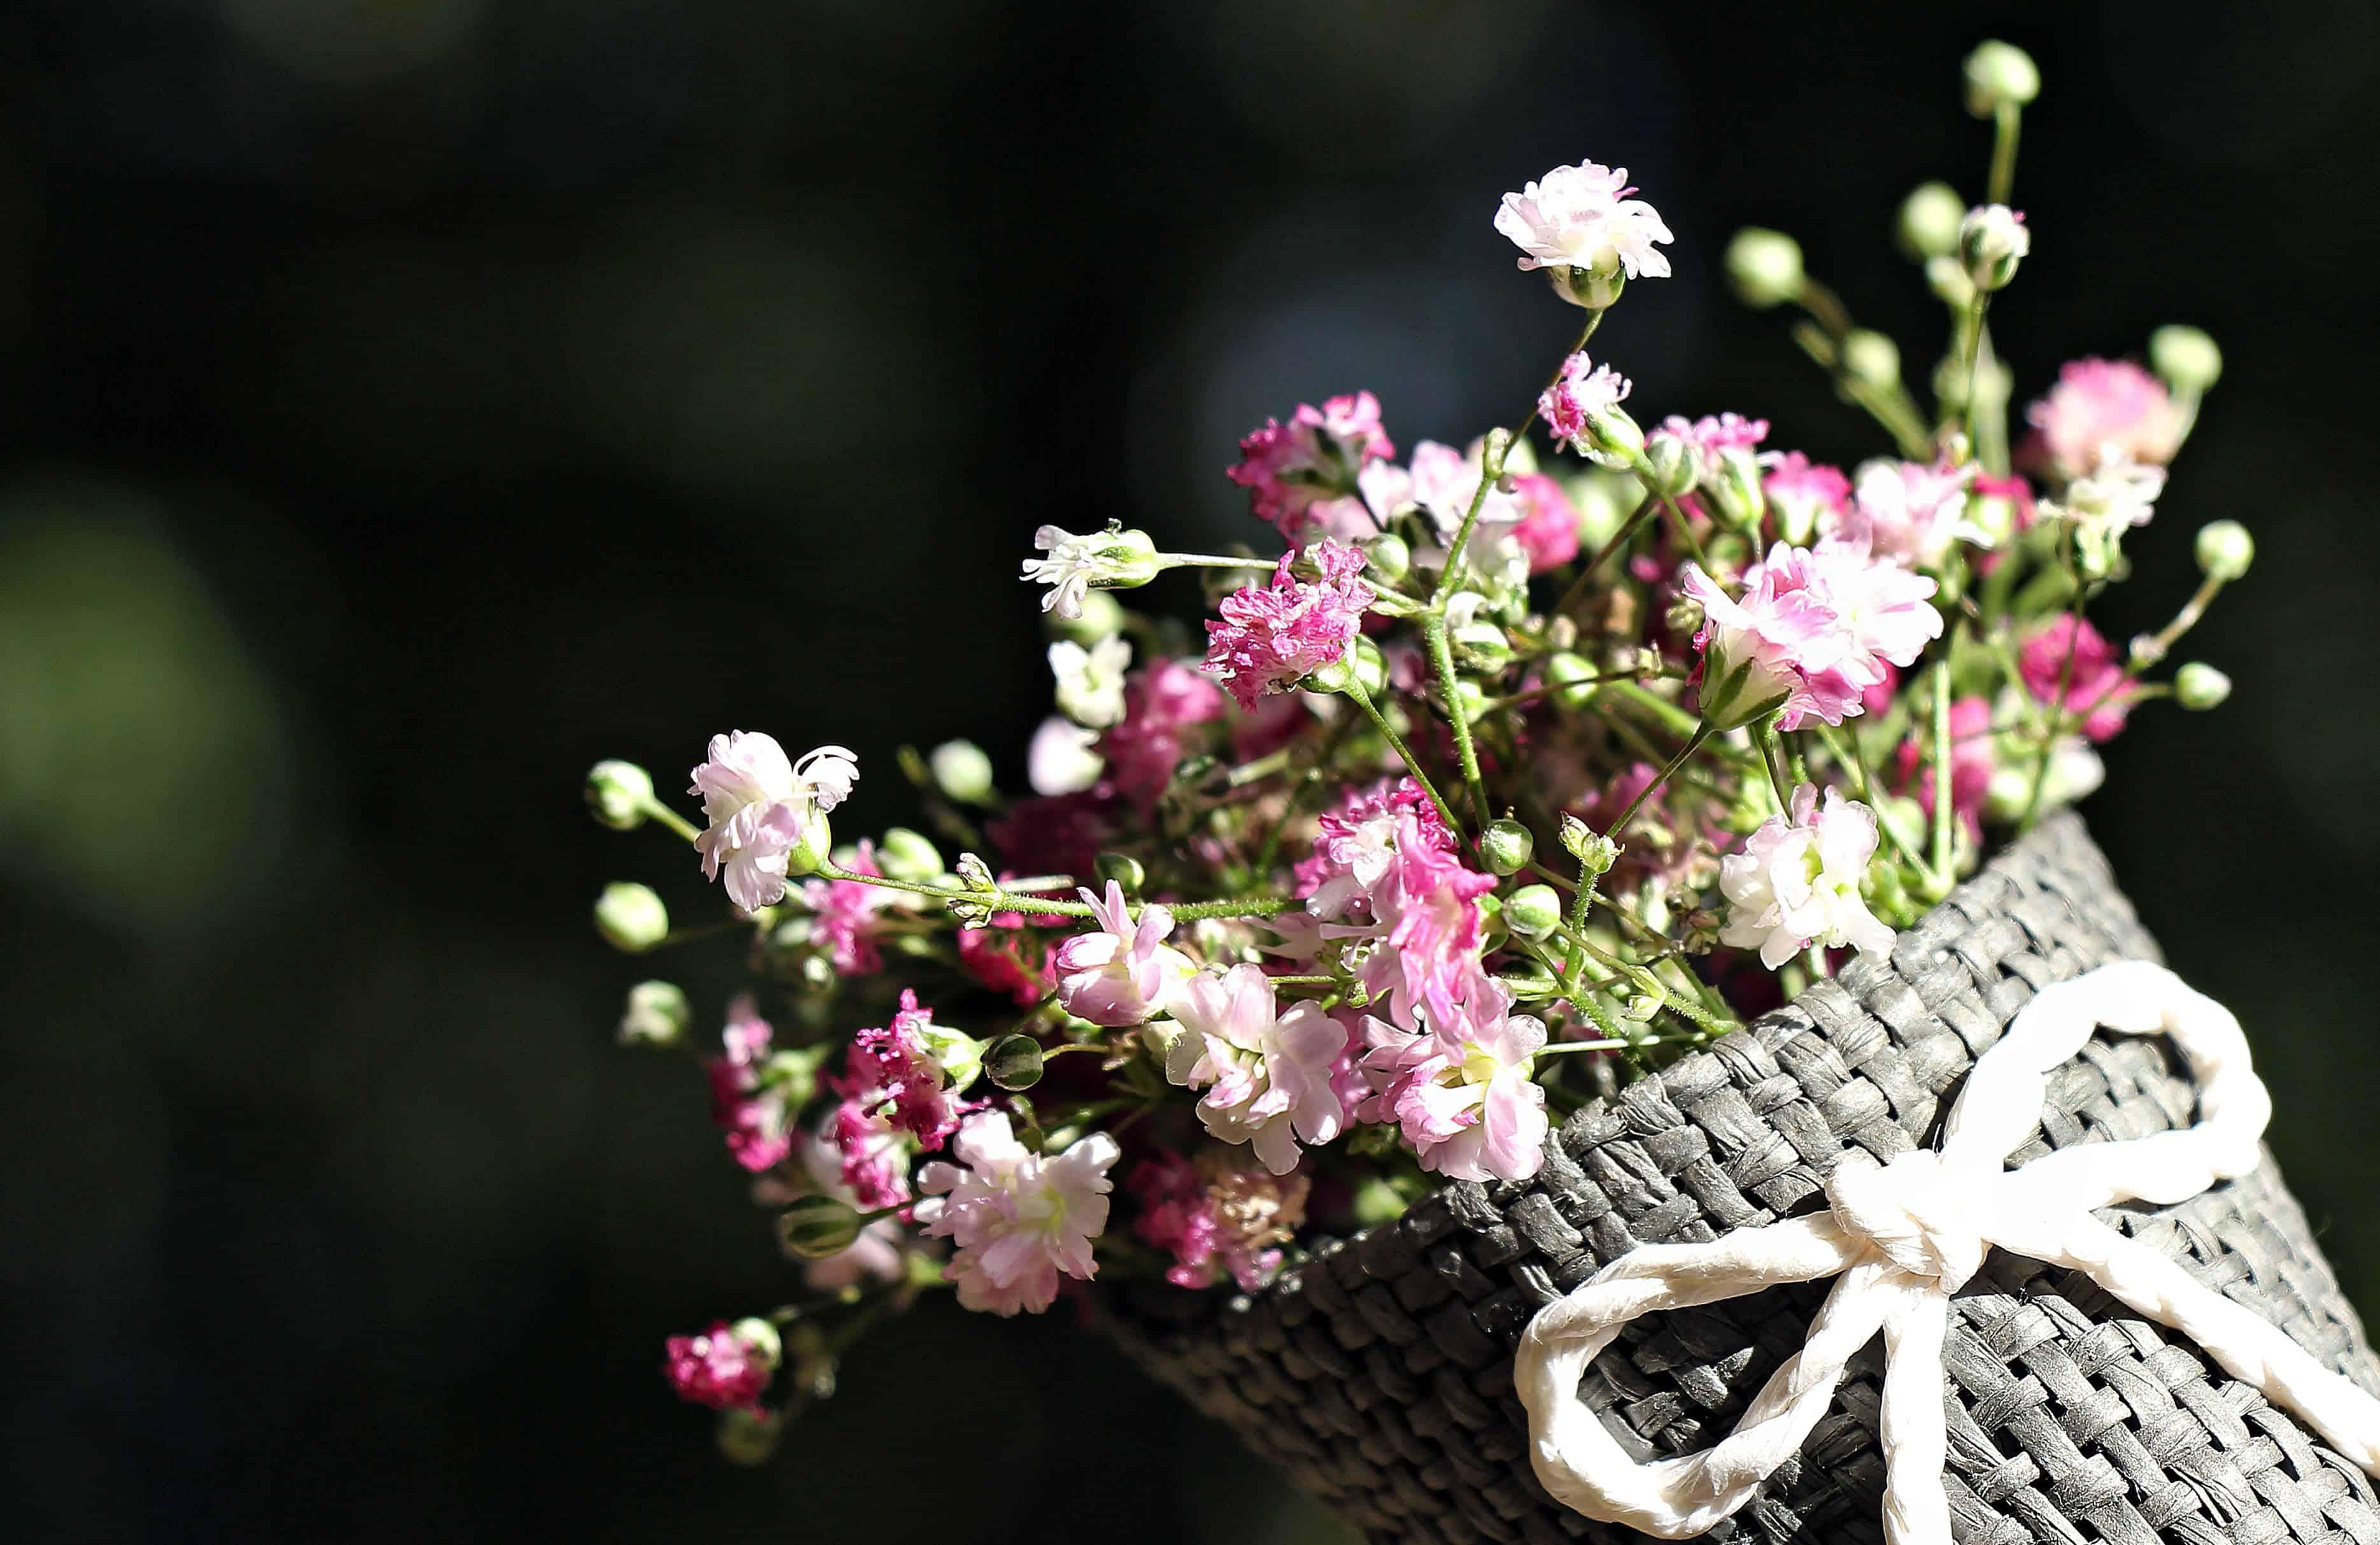 Gambar Gratis Masih Hidup Studio Foto Alam Taman Flora Bunga